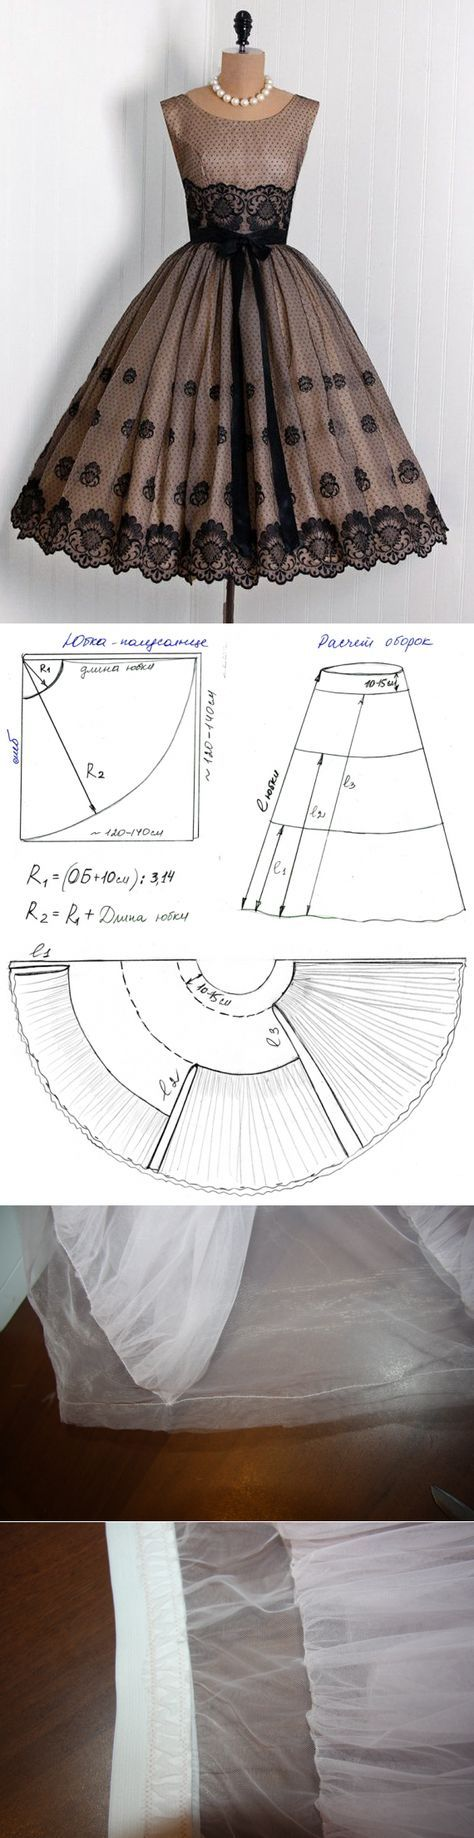 Как правильно сшить юбку из сетки 27